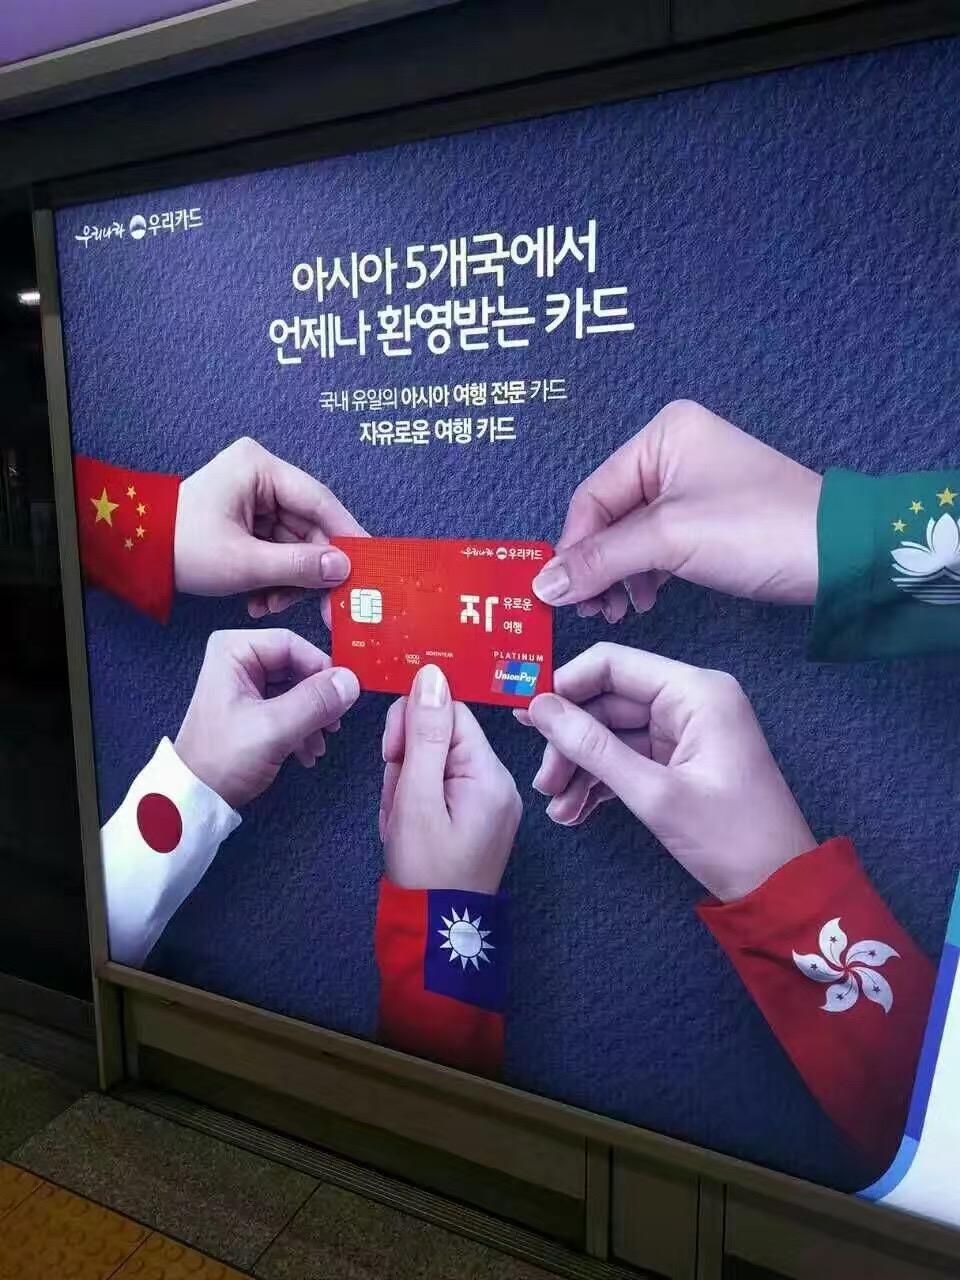 银行先进个人_什么时候你会觉得部分韩国人很讨厌? - 知乎